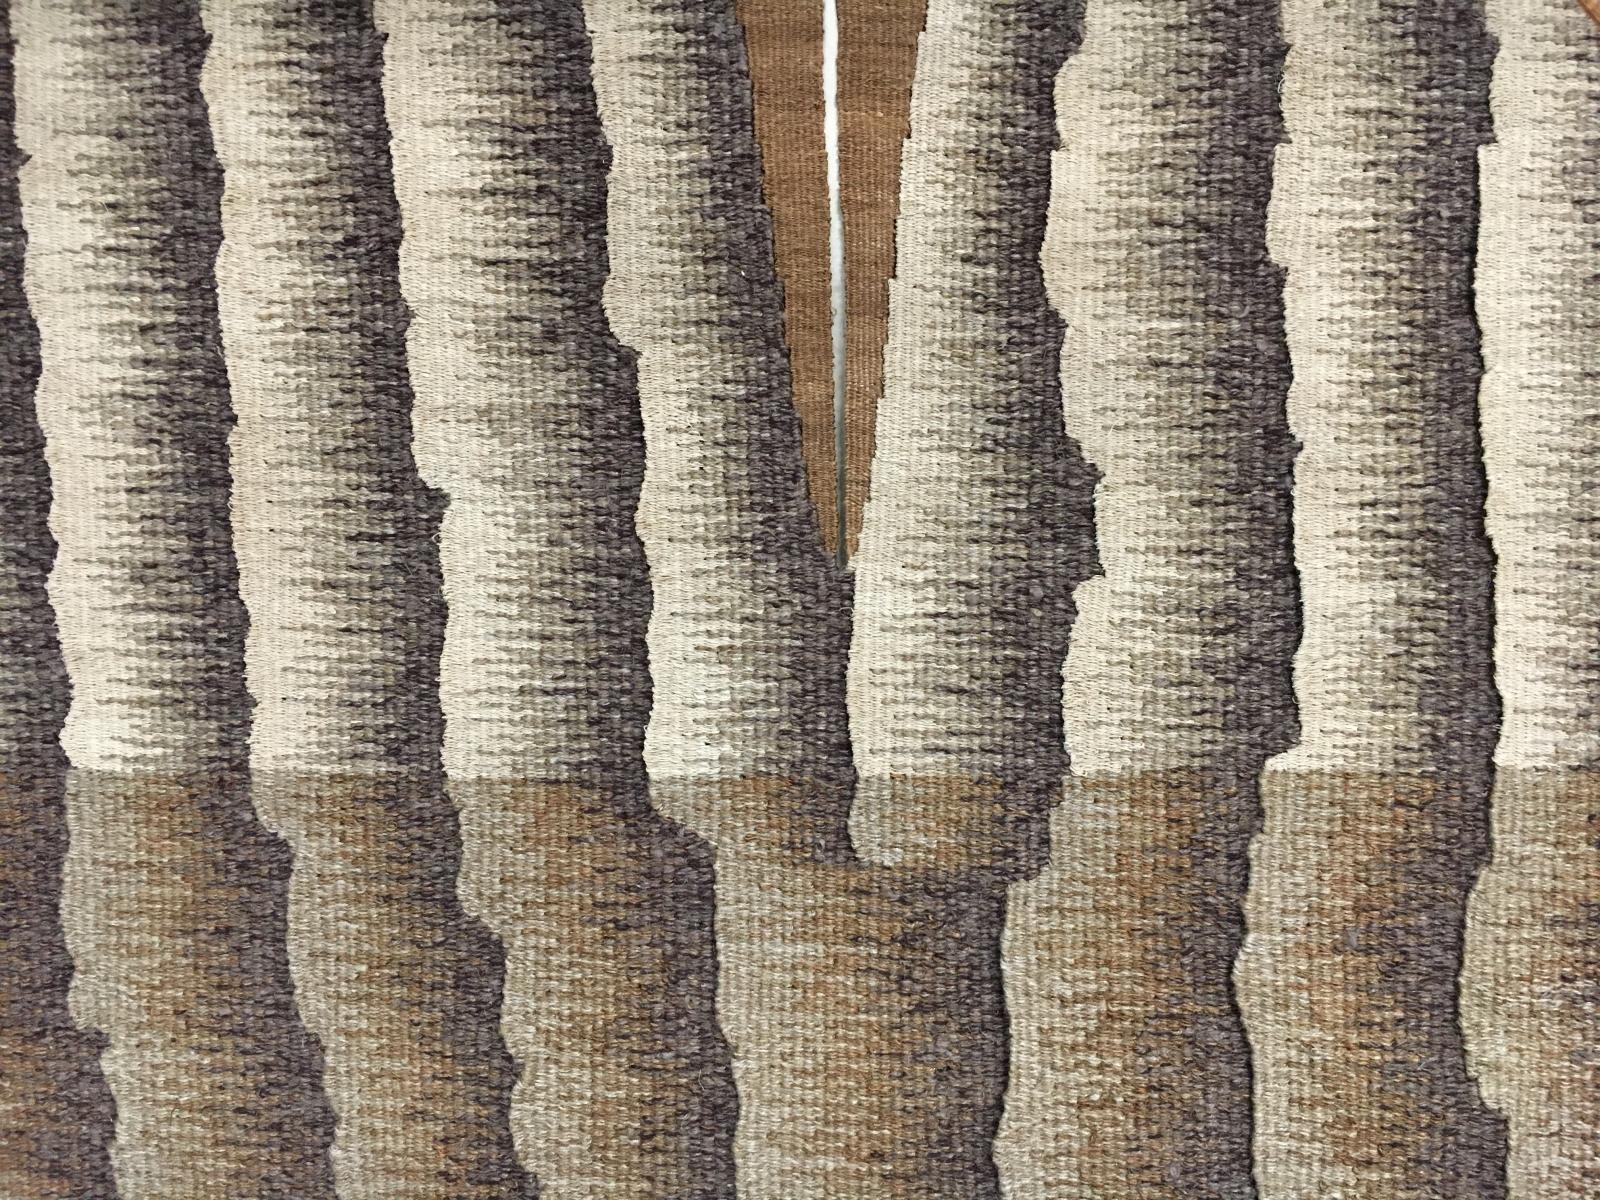 Pandora Box: Honey Locust Tree, detail